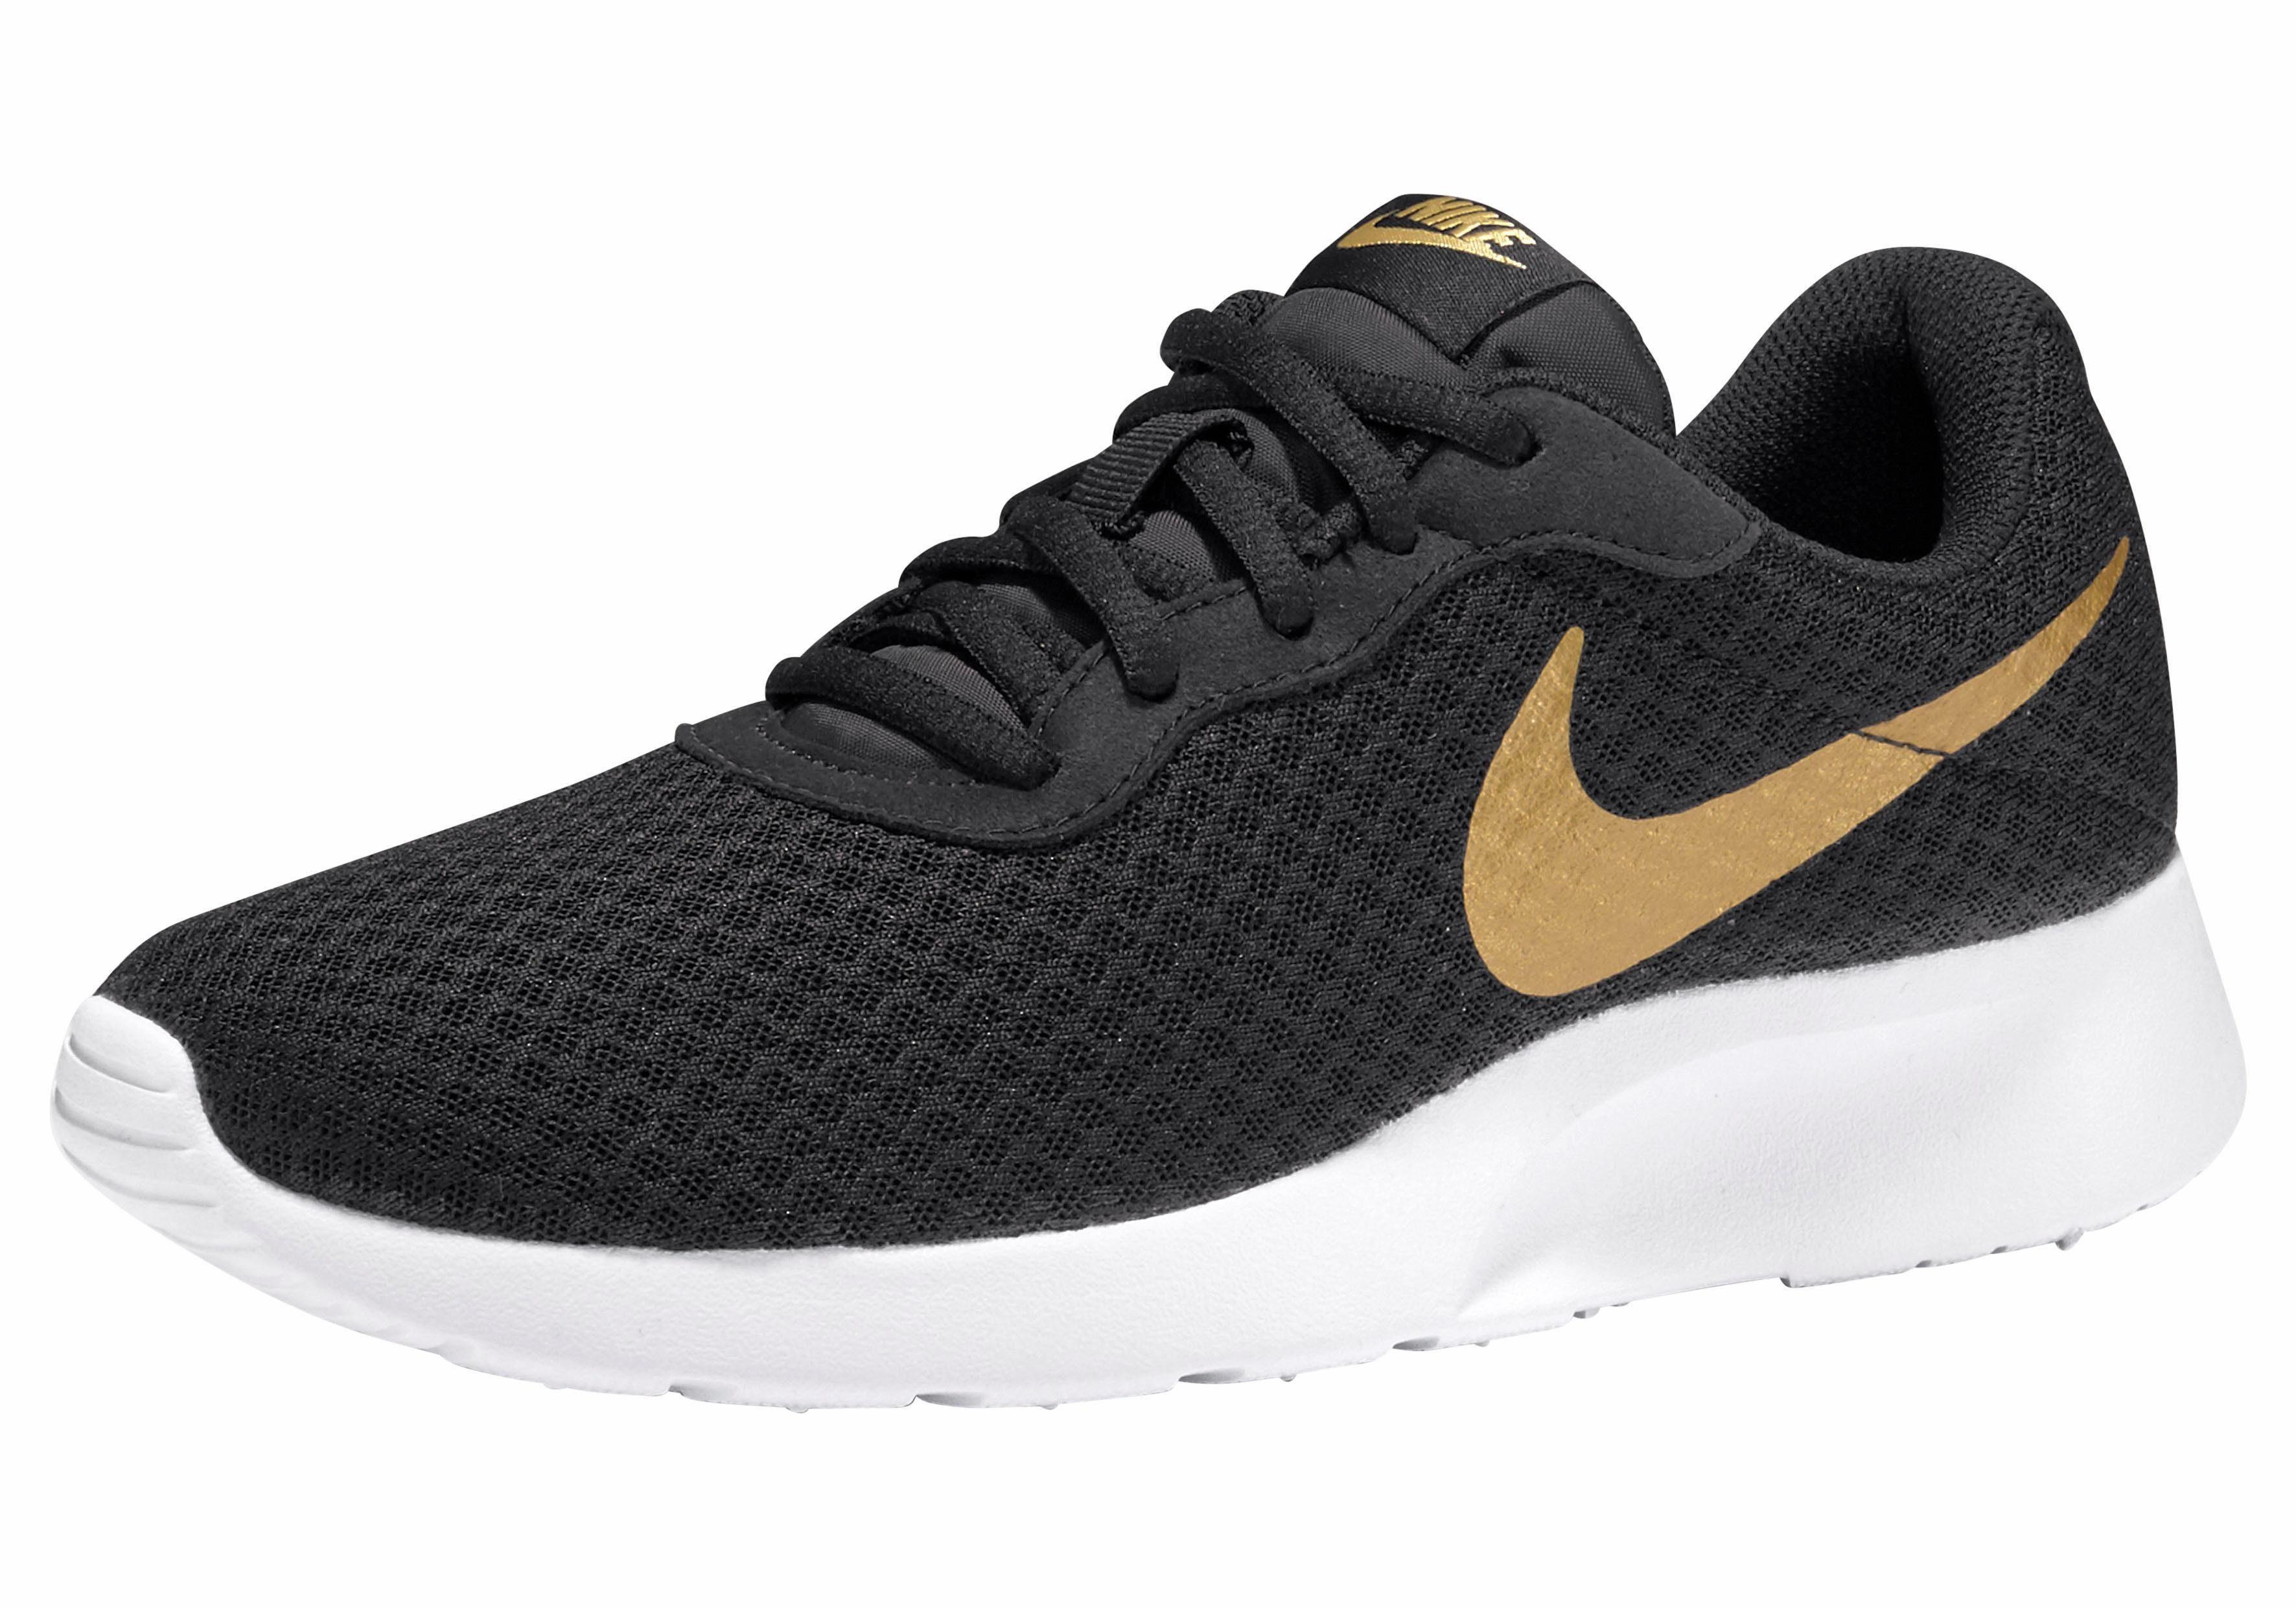 Nike Sportswear »Wmns Tanjun« Sneaker kaufen | OTTO